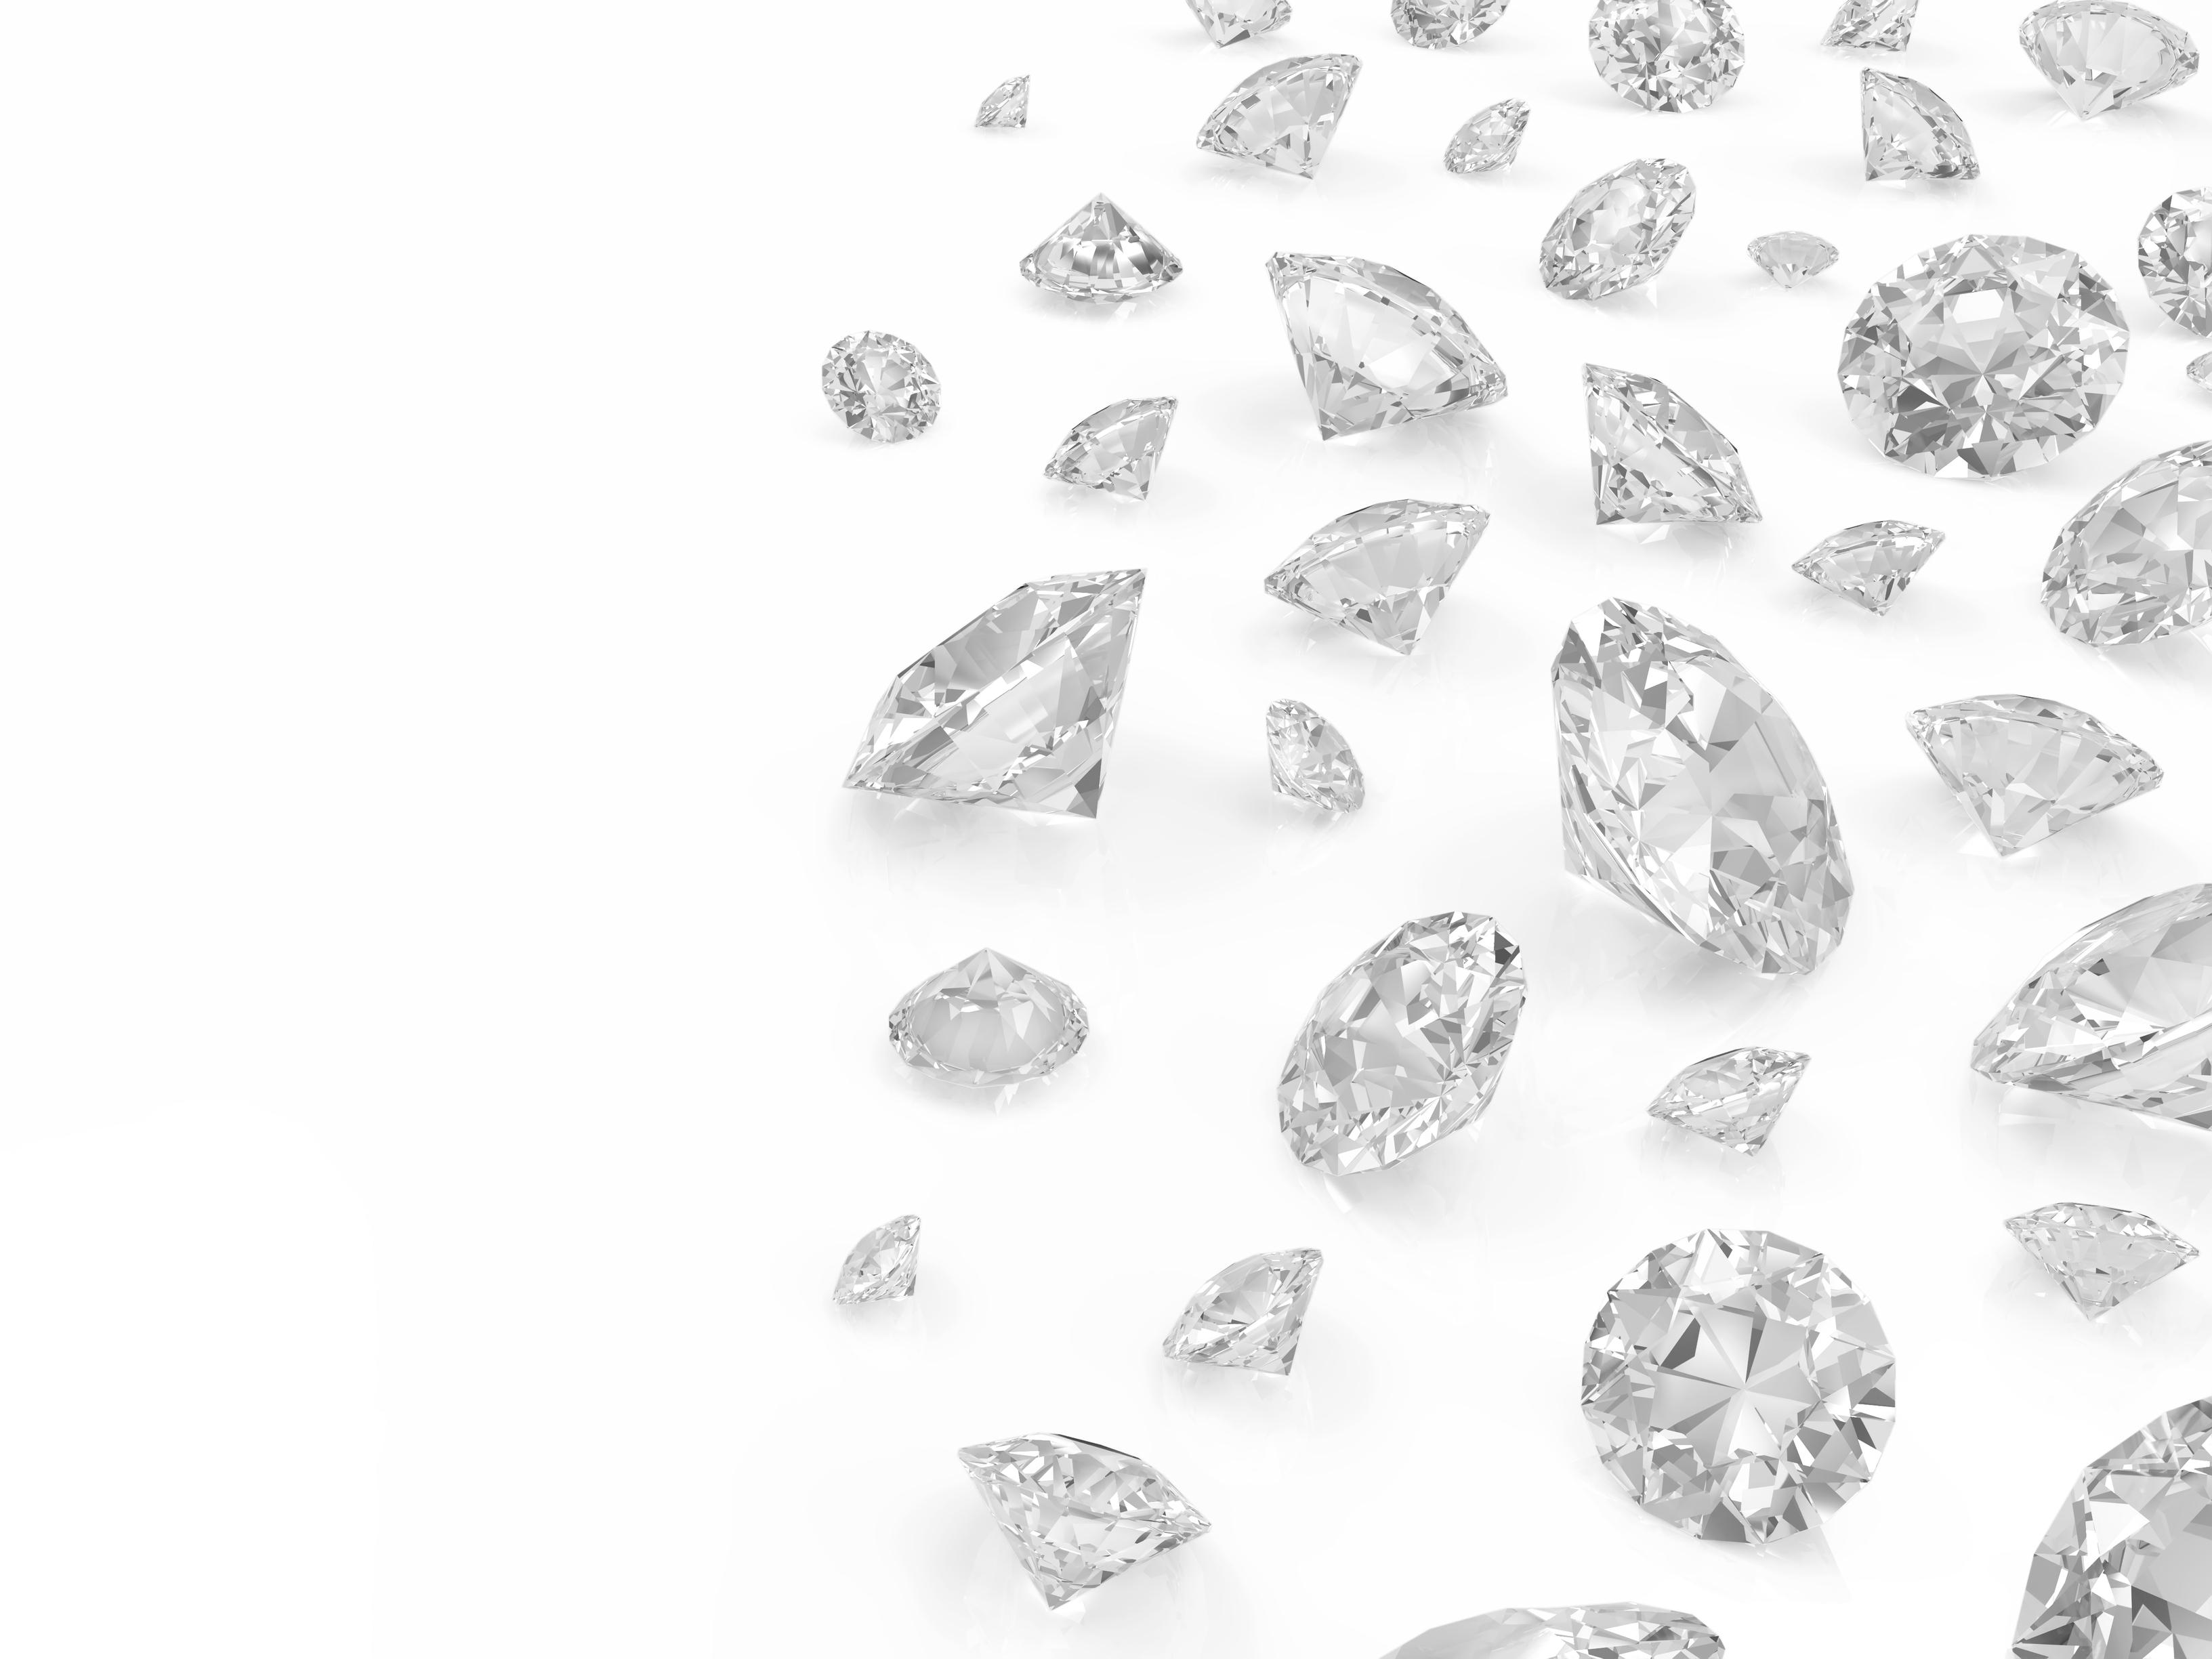 Diamond Background Distinction Jewelry 3265x2449